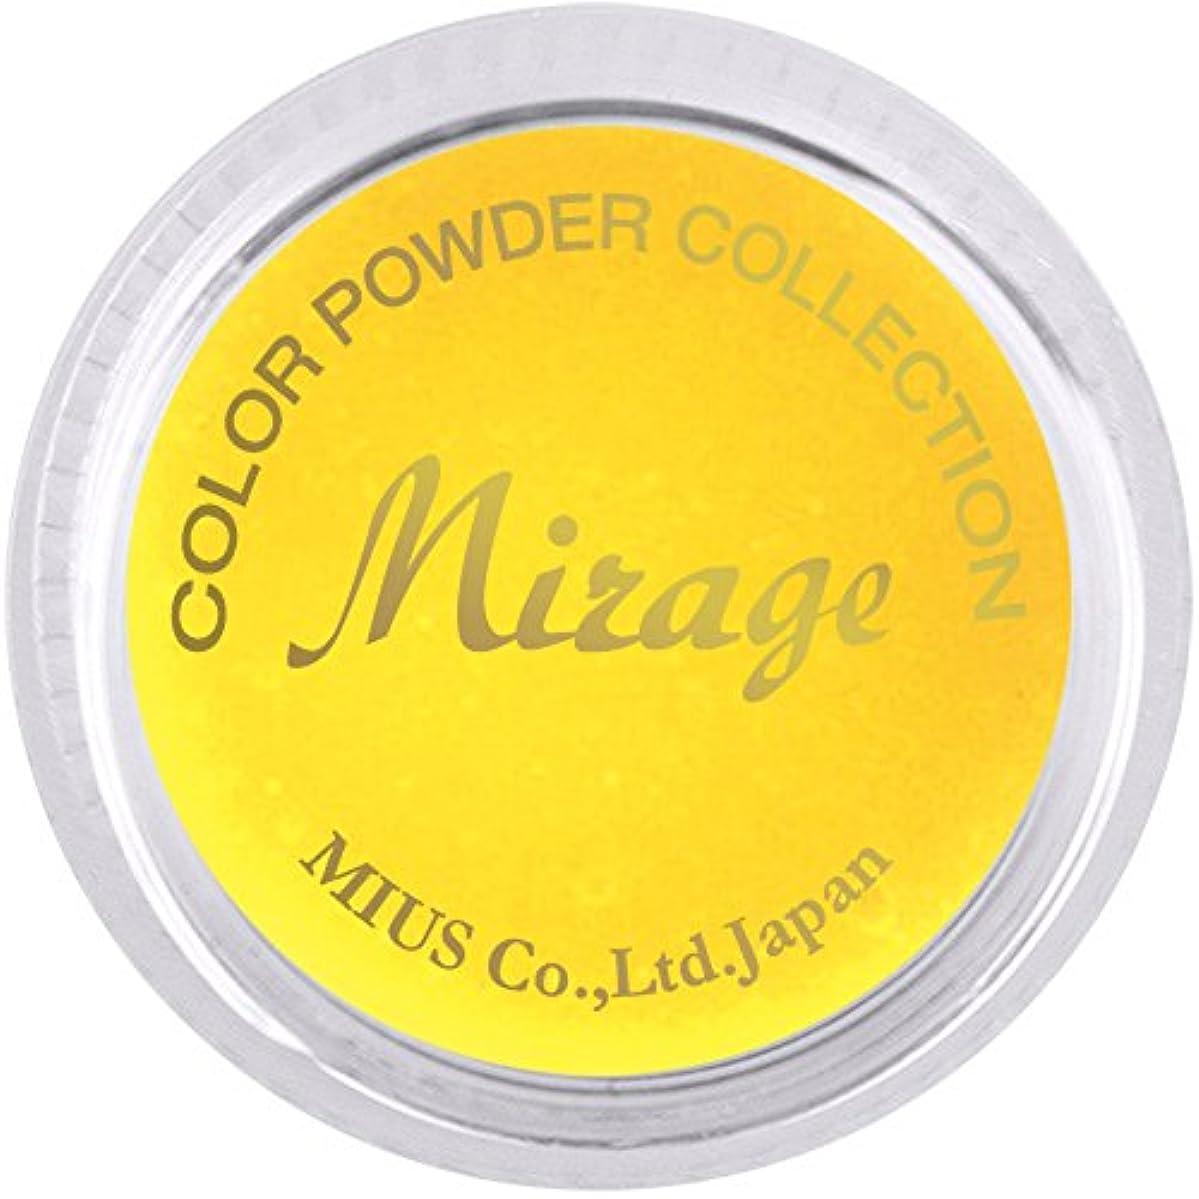 メモ責める素子ミラージュ カラーパウダー N/CPS-1  7g  アクリルパウダー 色鮮やかな蛍光スタンダードカラー